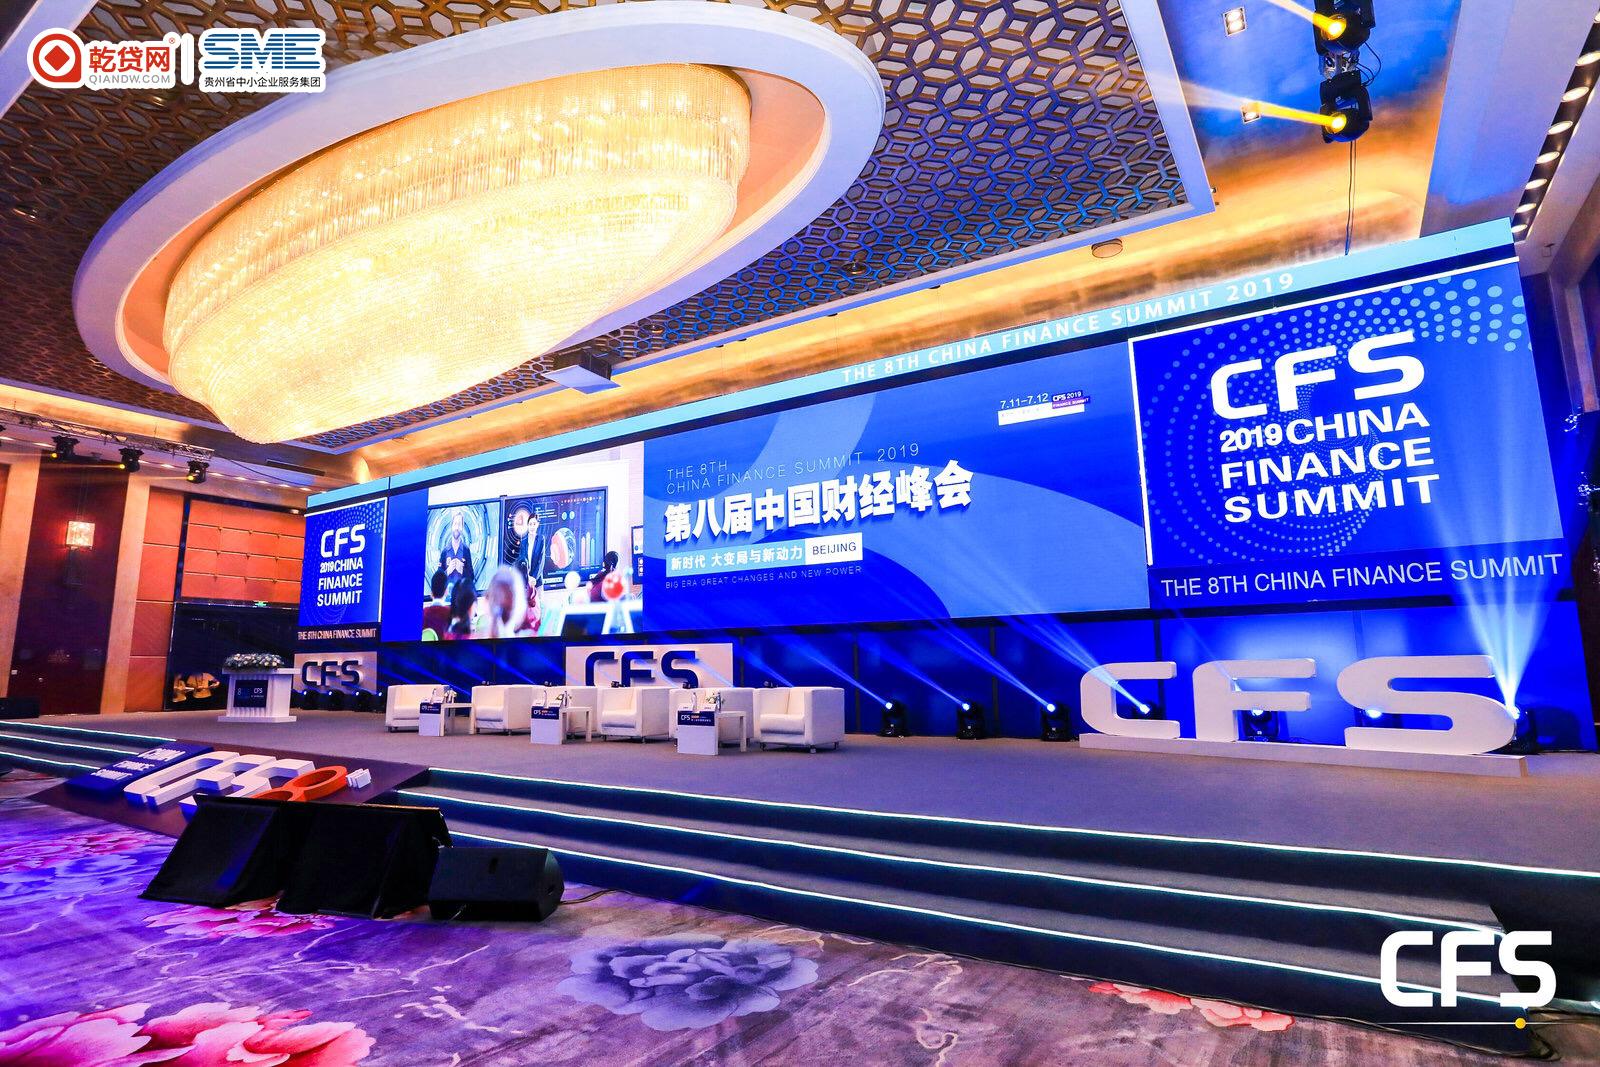 乾贷网凭借过硬的风控技术实力,连续两年获奖中国财经峰会